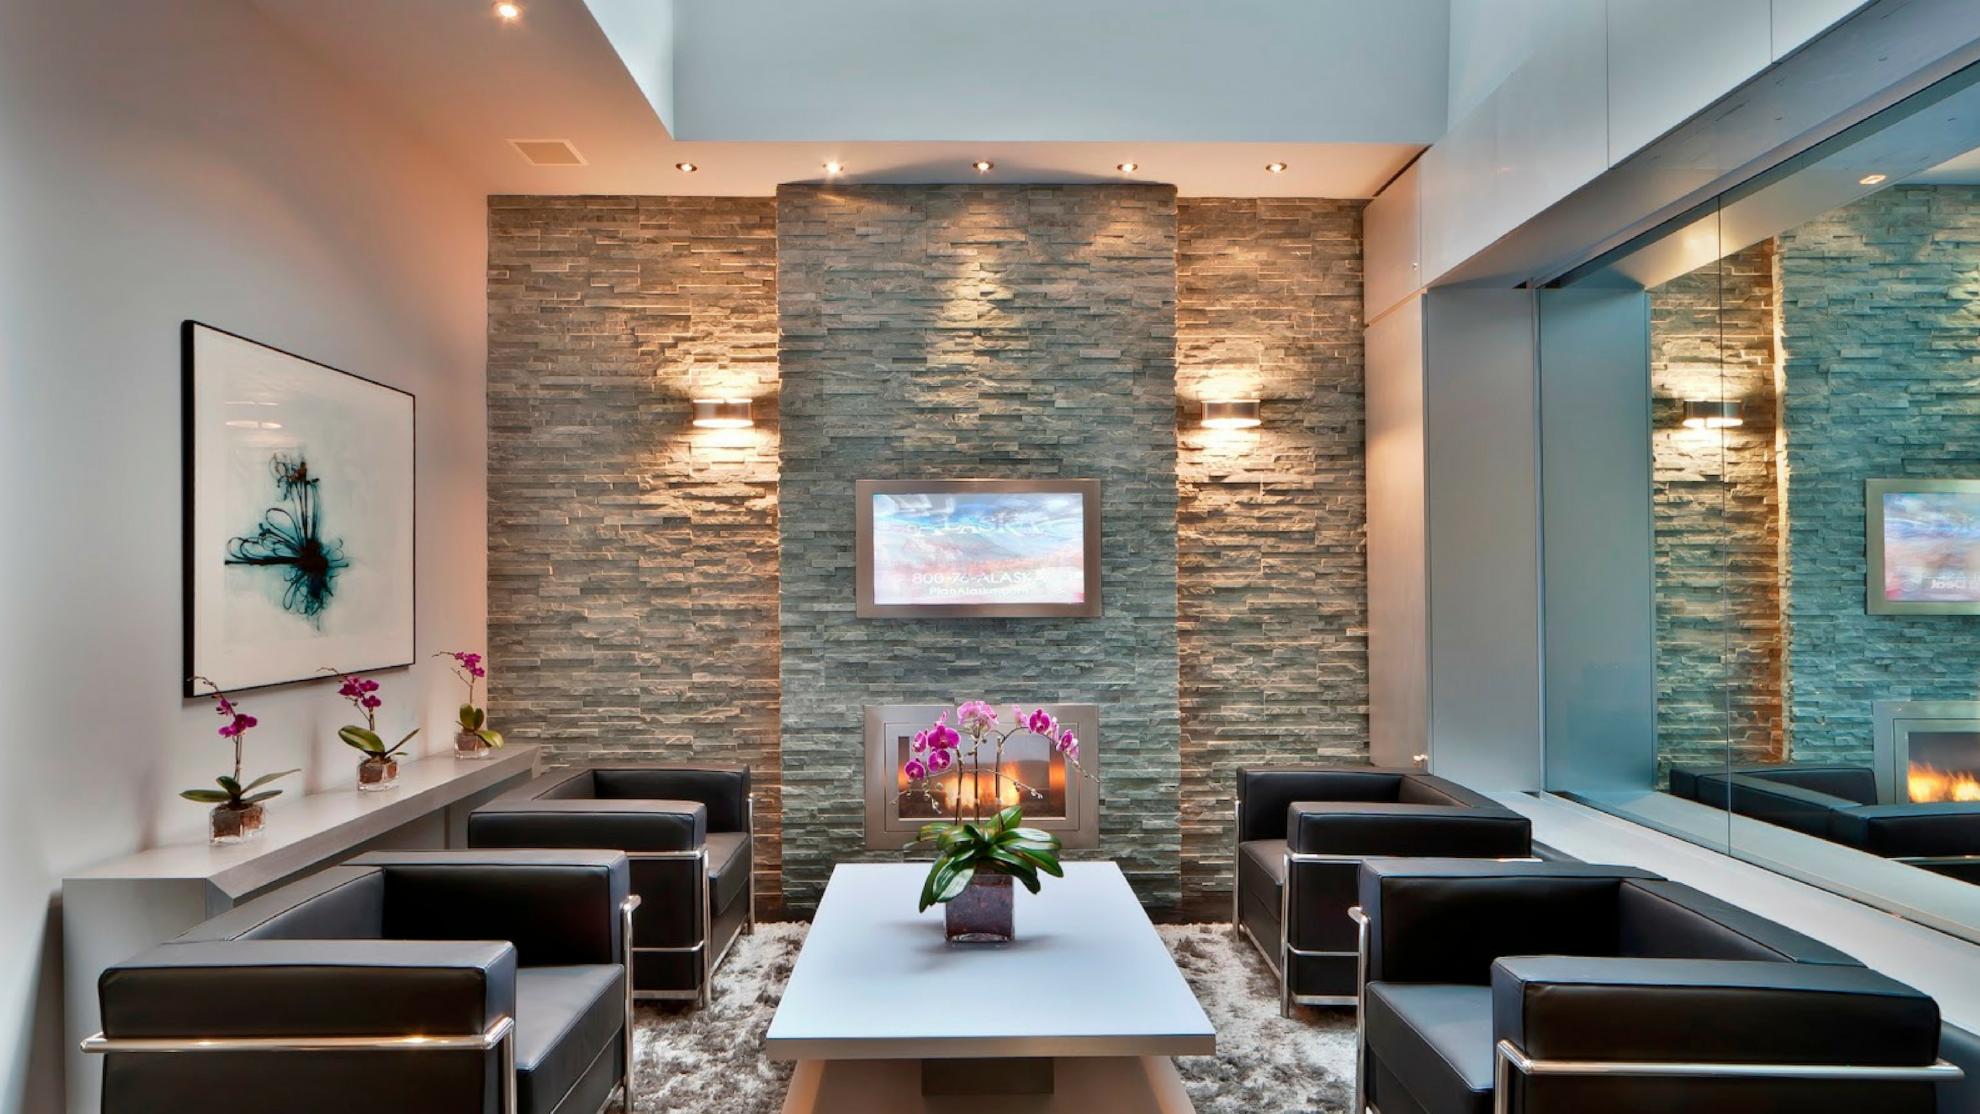 Corso interior design segui i corsi online da casa for Corso interior design treviso